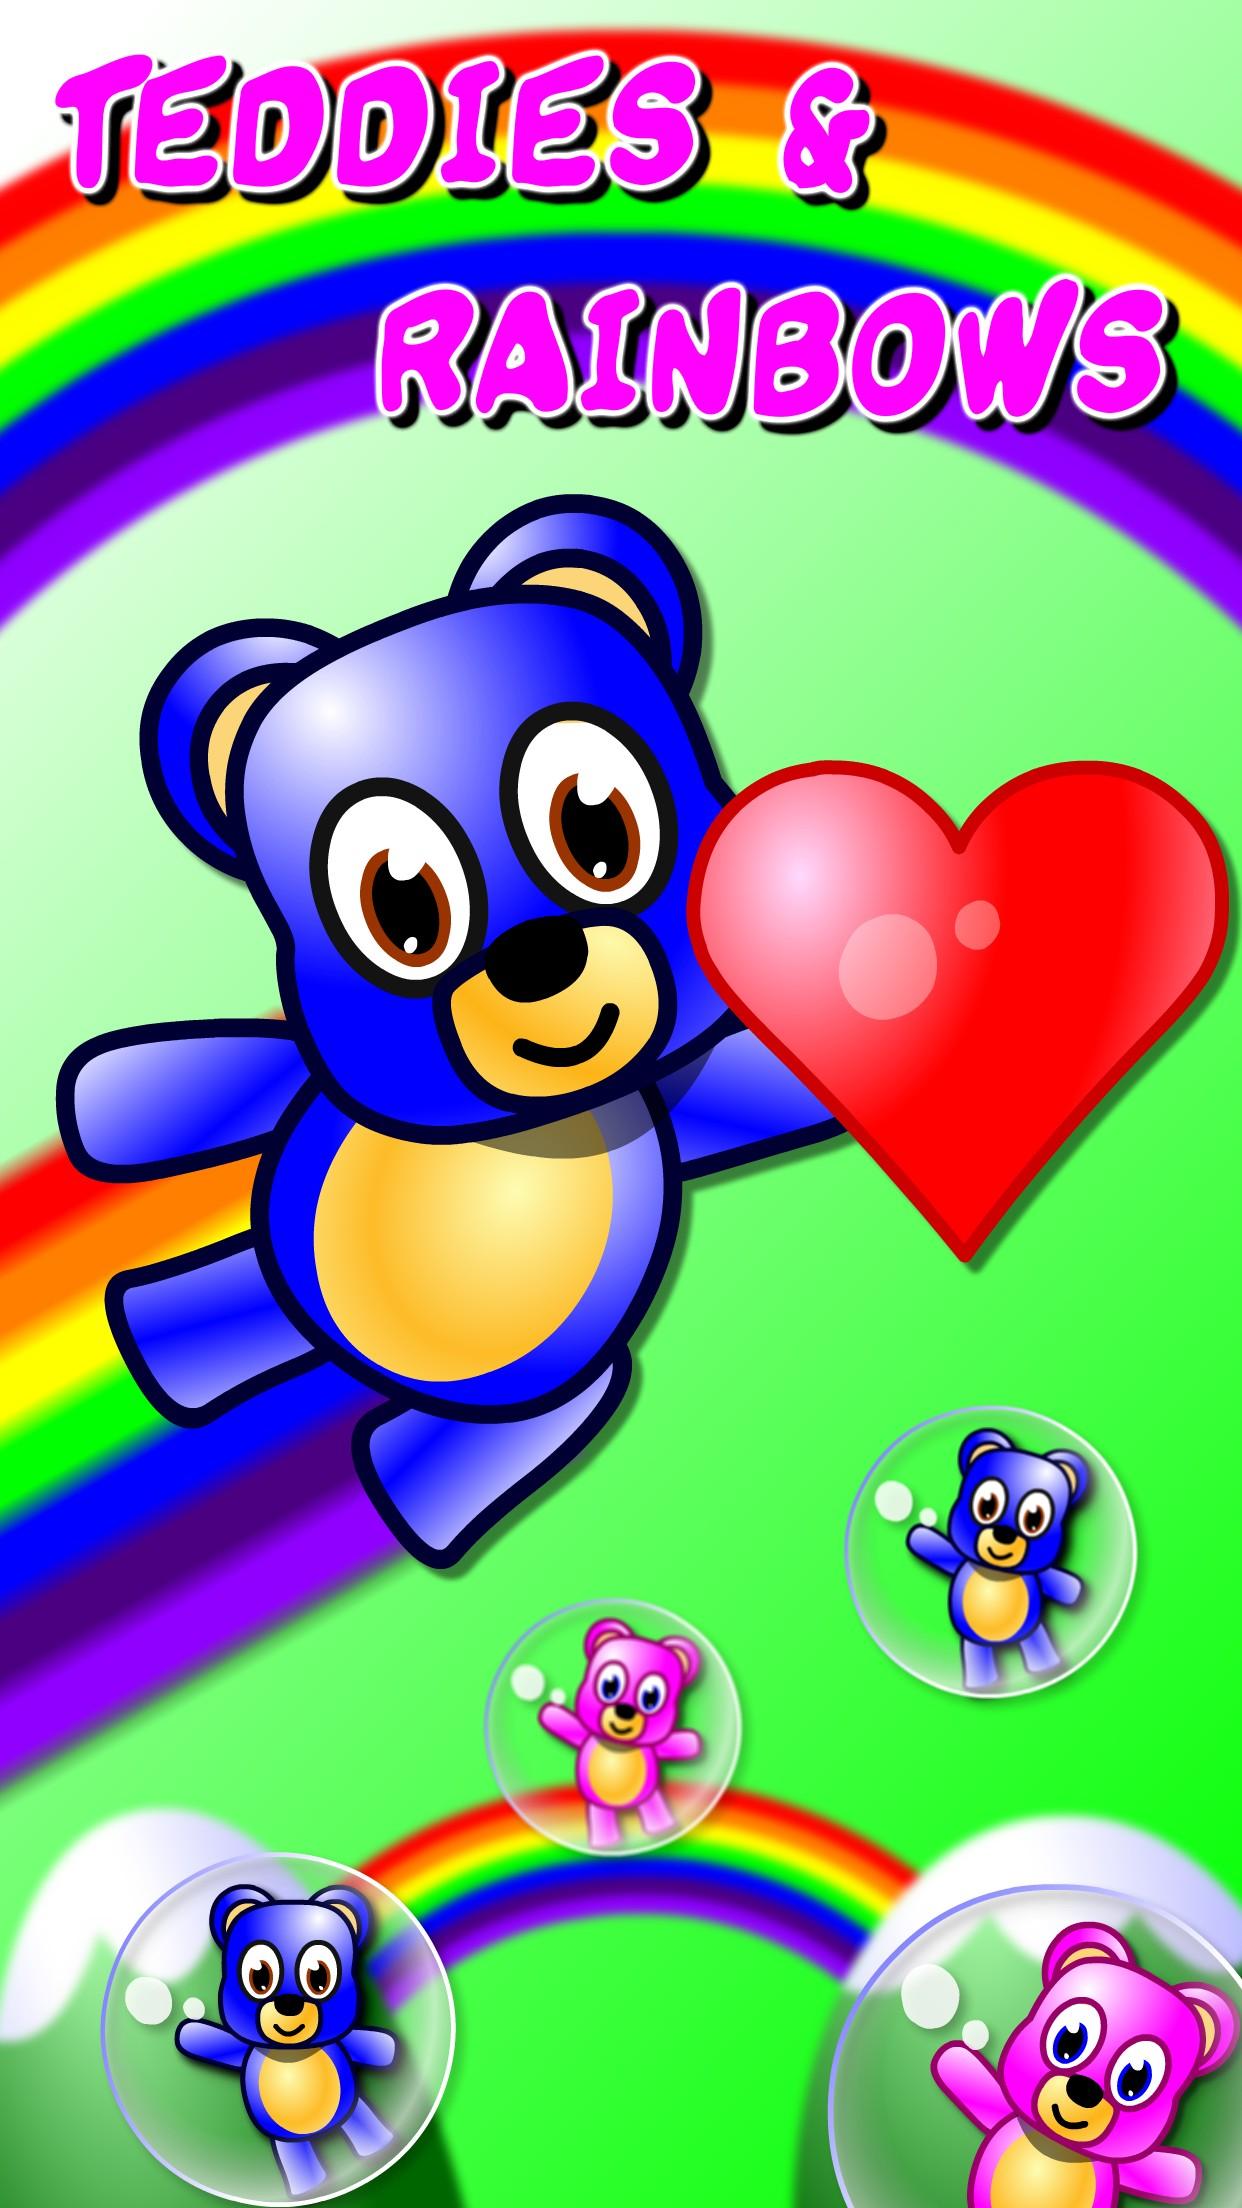 Teddies & Rainbows